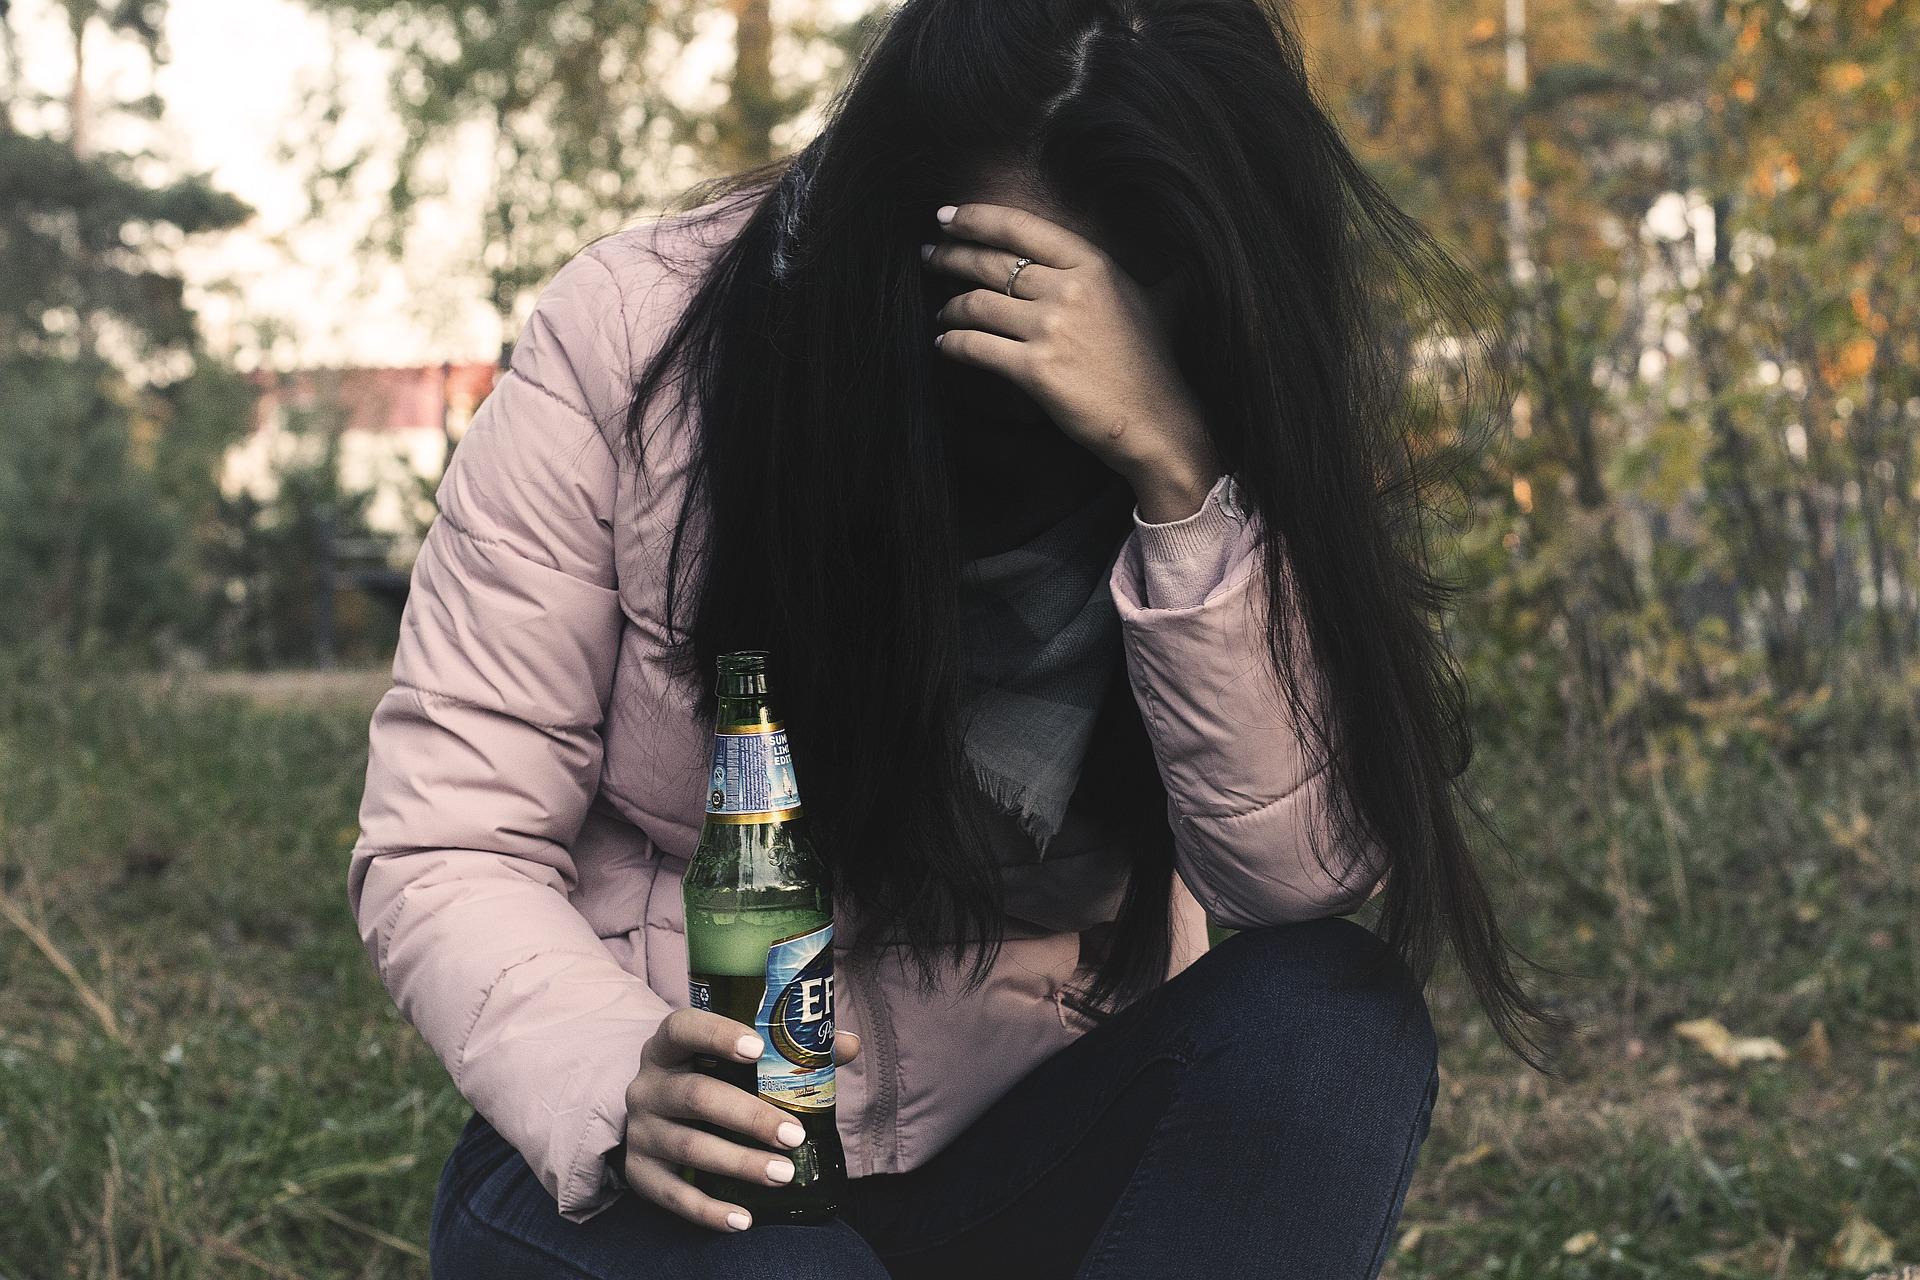 female-alcoholism-2847441_1920